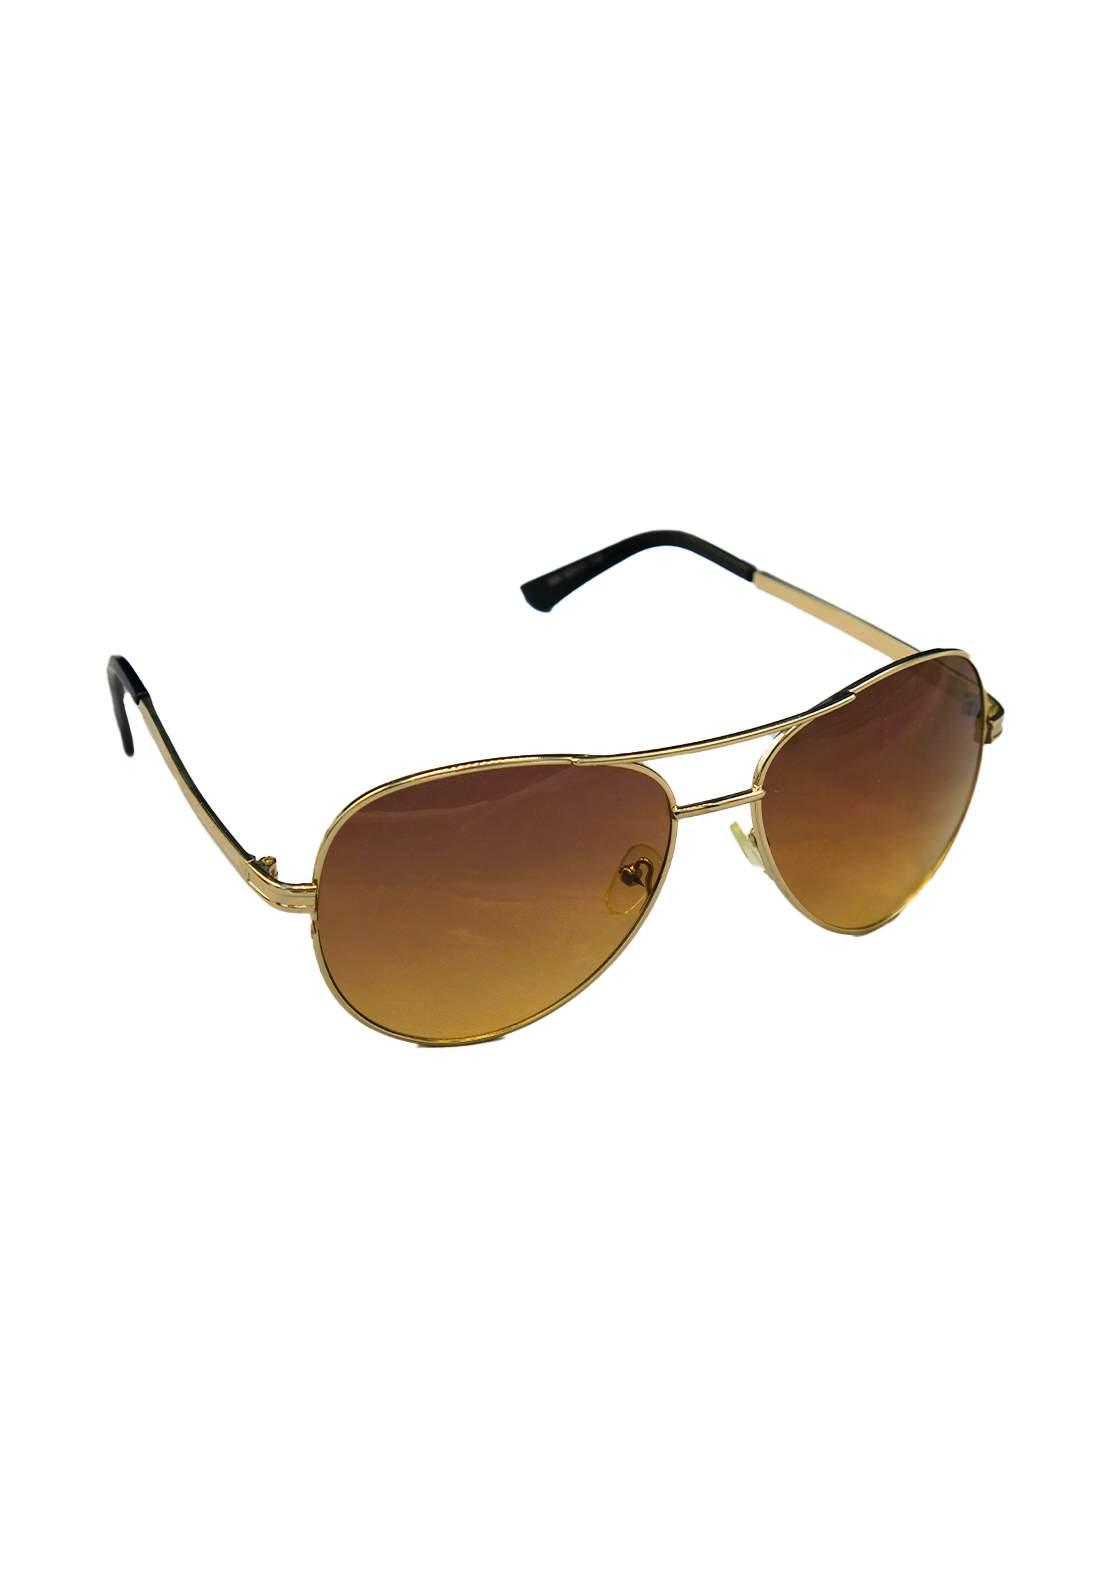 نظارات شمسية نسائية بني اللون